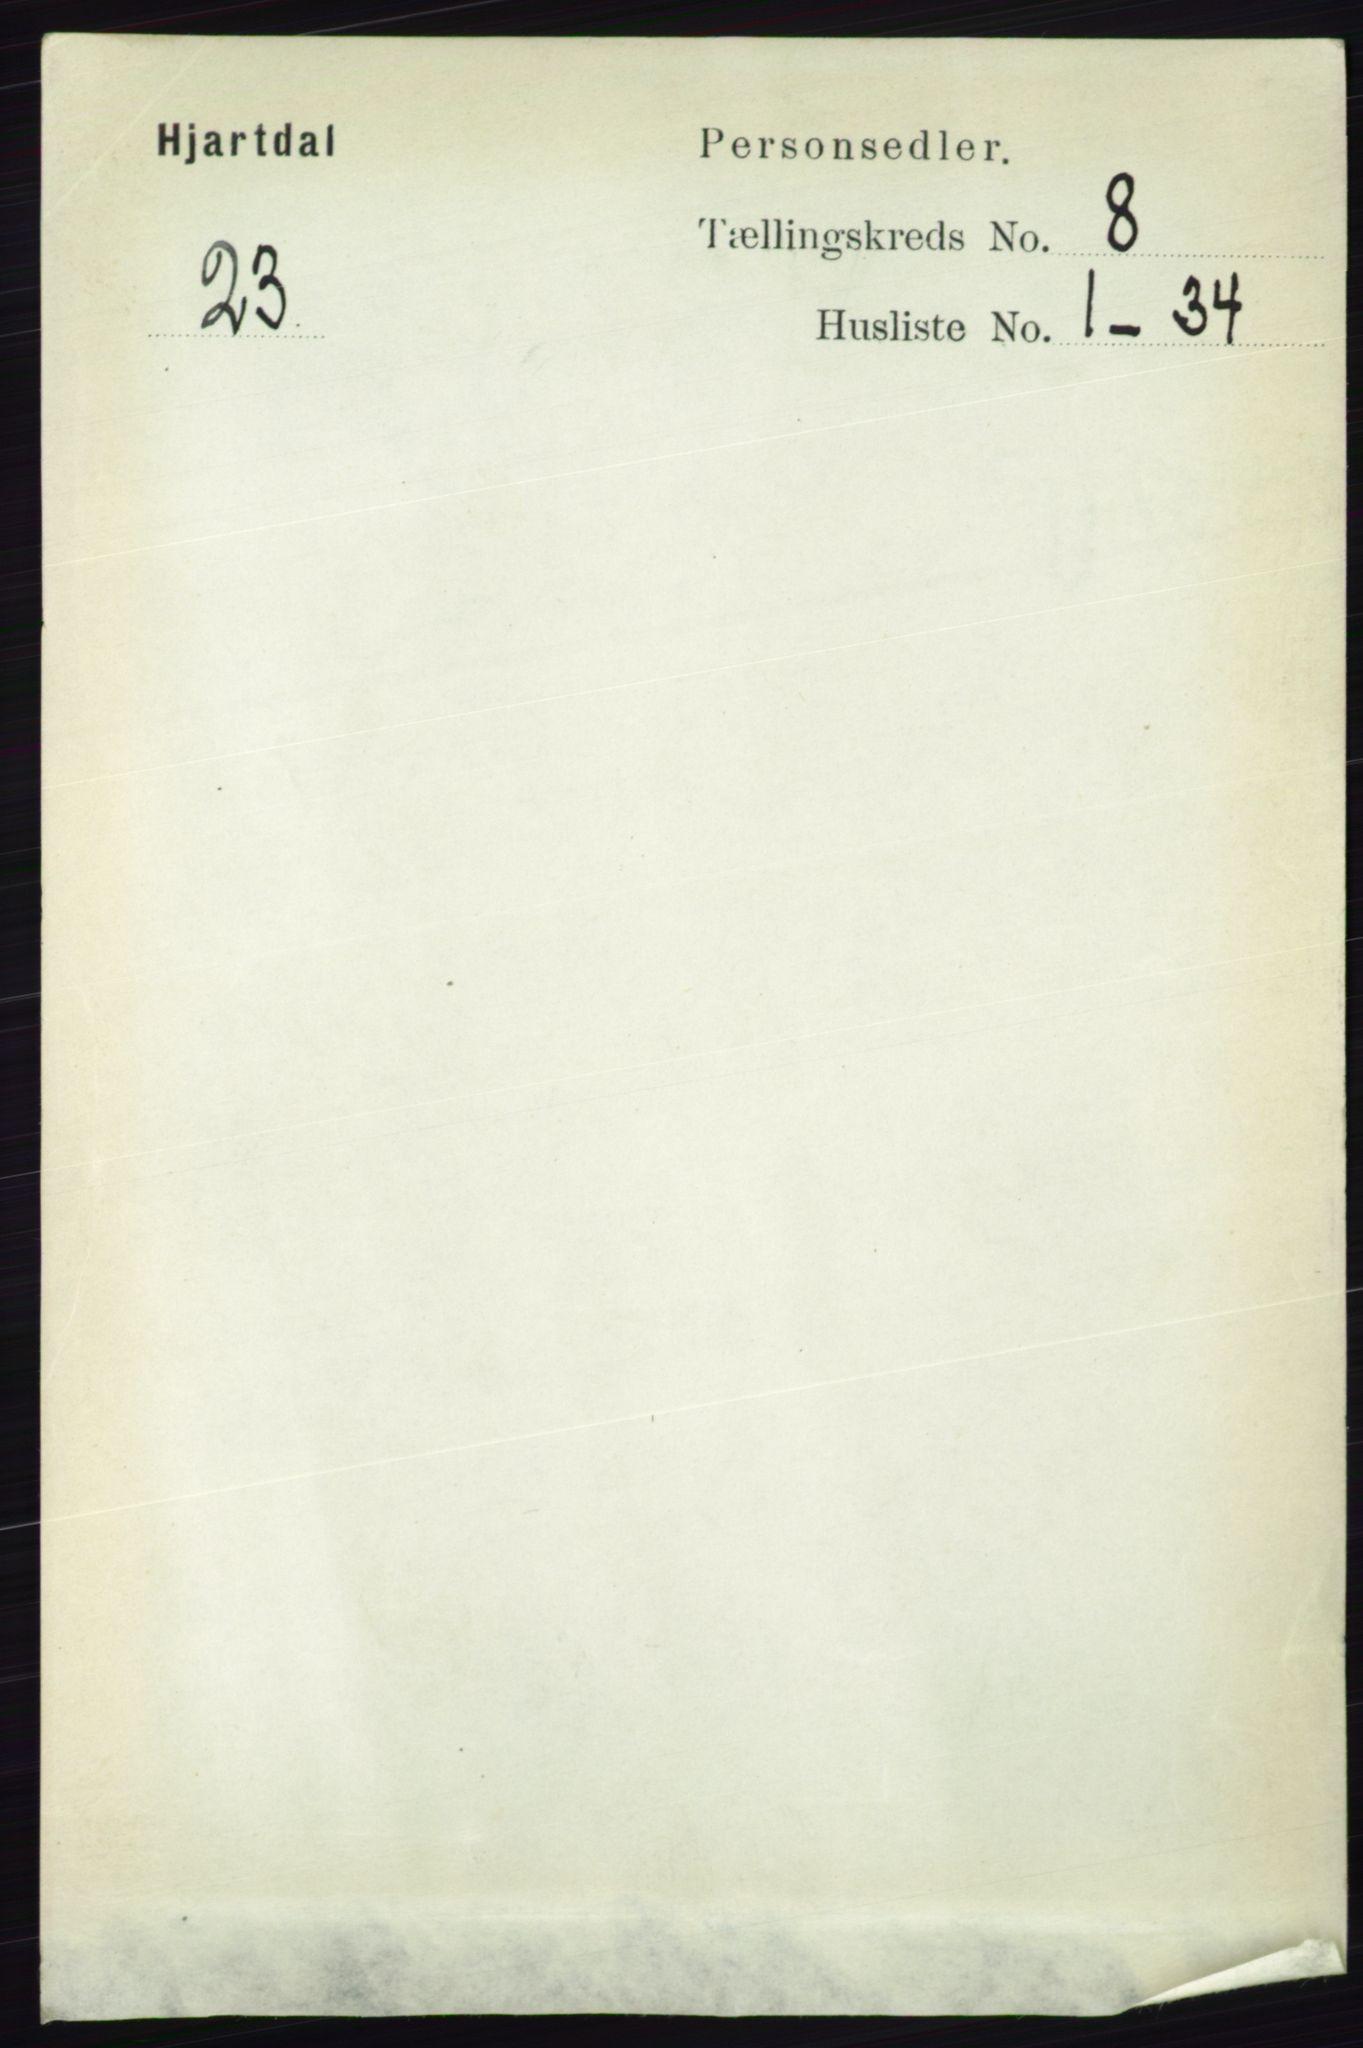 RA, Folketelling 1891 for 0827 Hjartdal herred, 1891, s. 2806